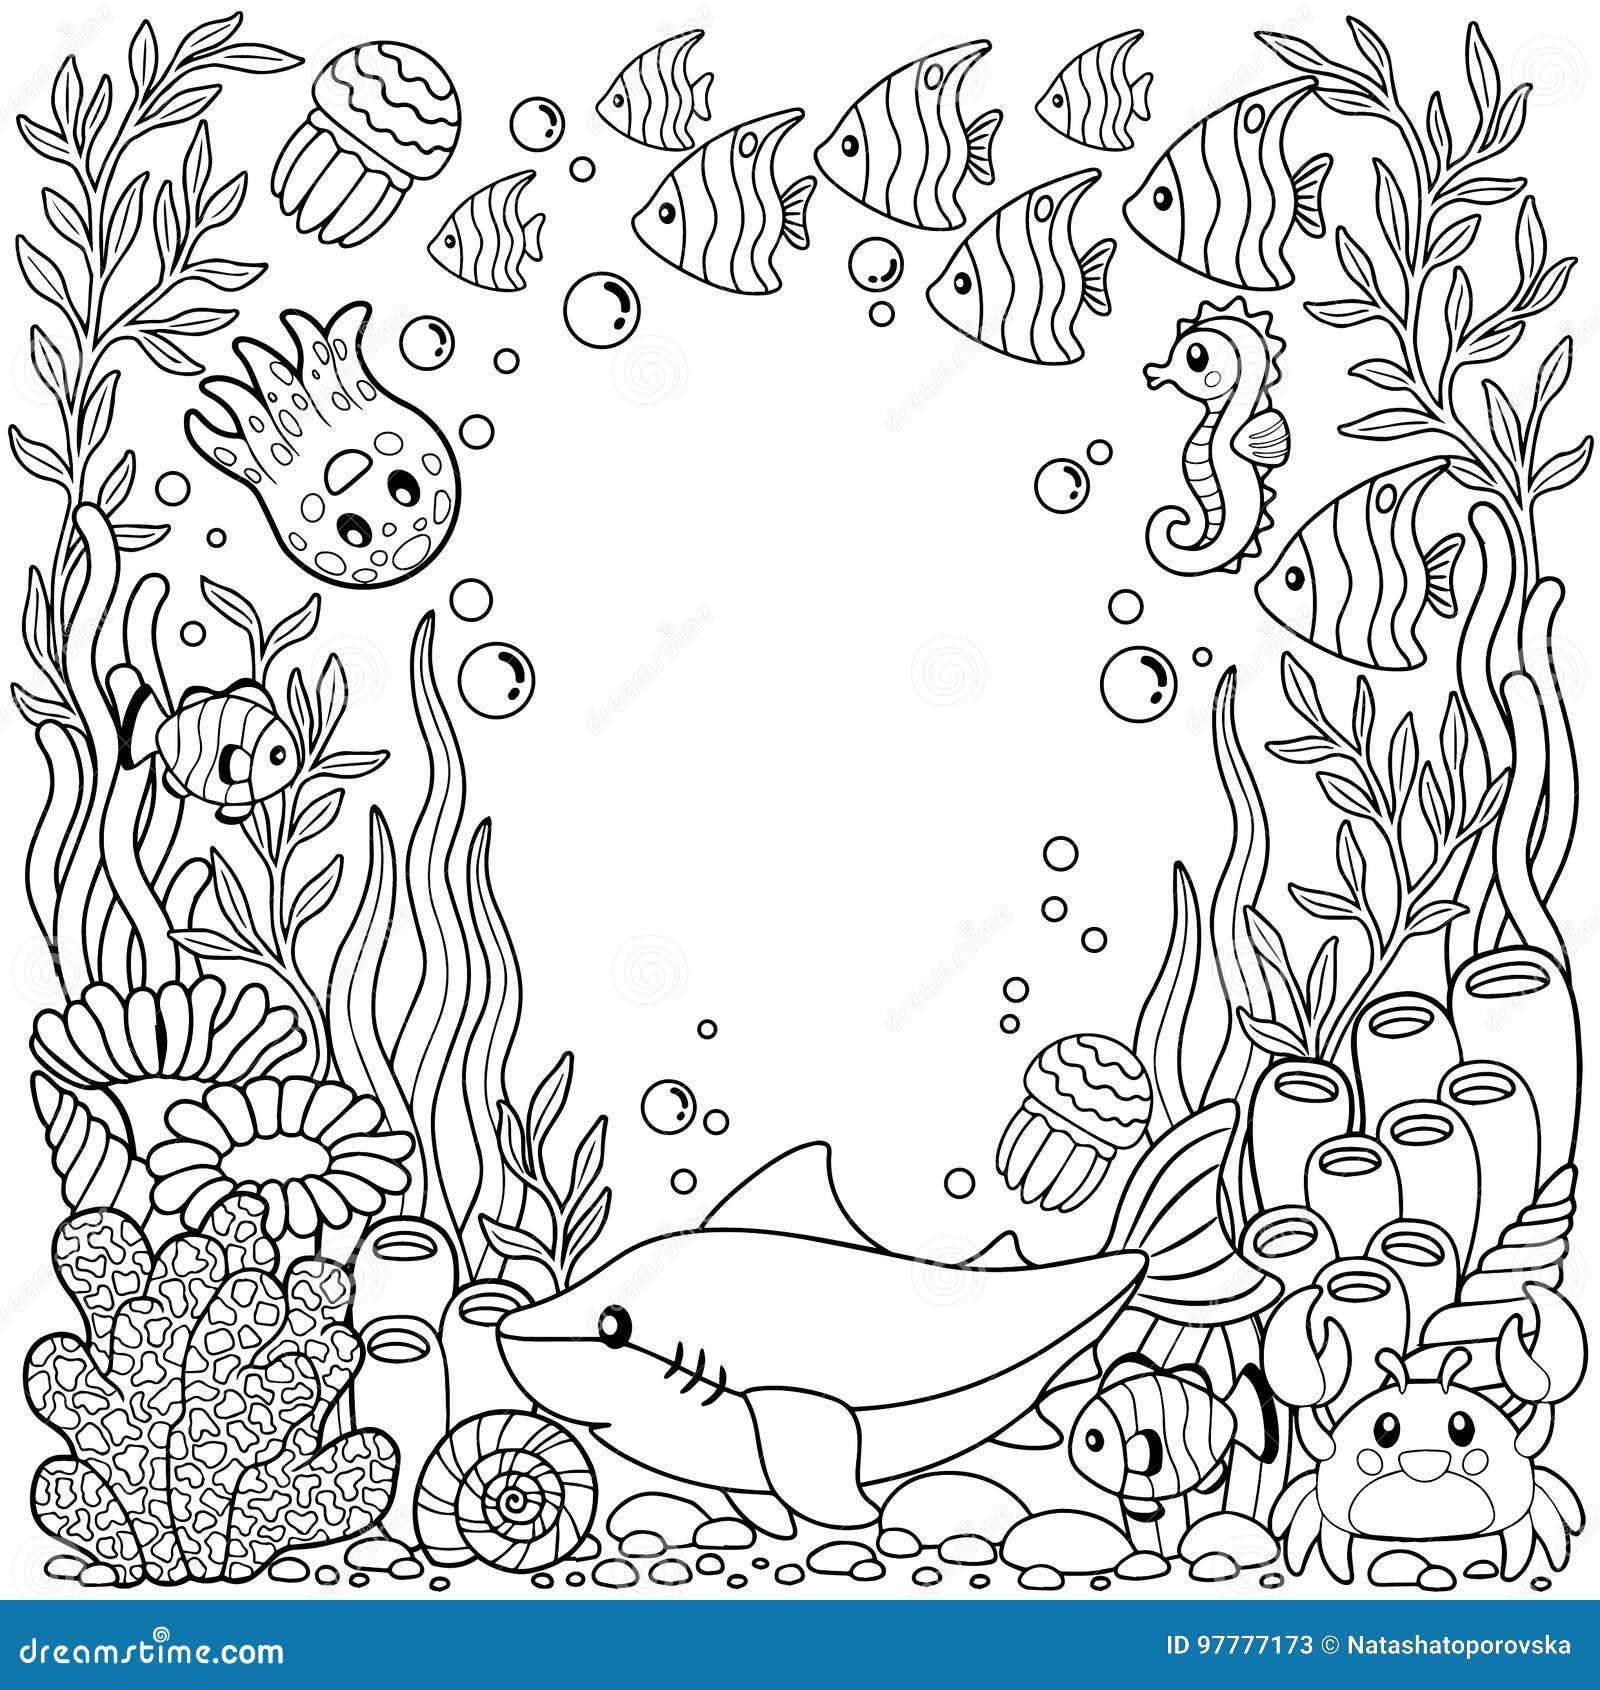 Excelente Linda Criatura Del Mar Para Colorear Fotos - Dibujos Para ...